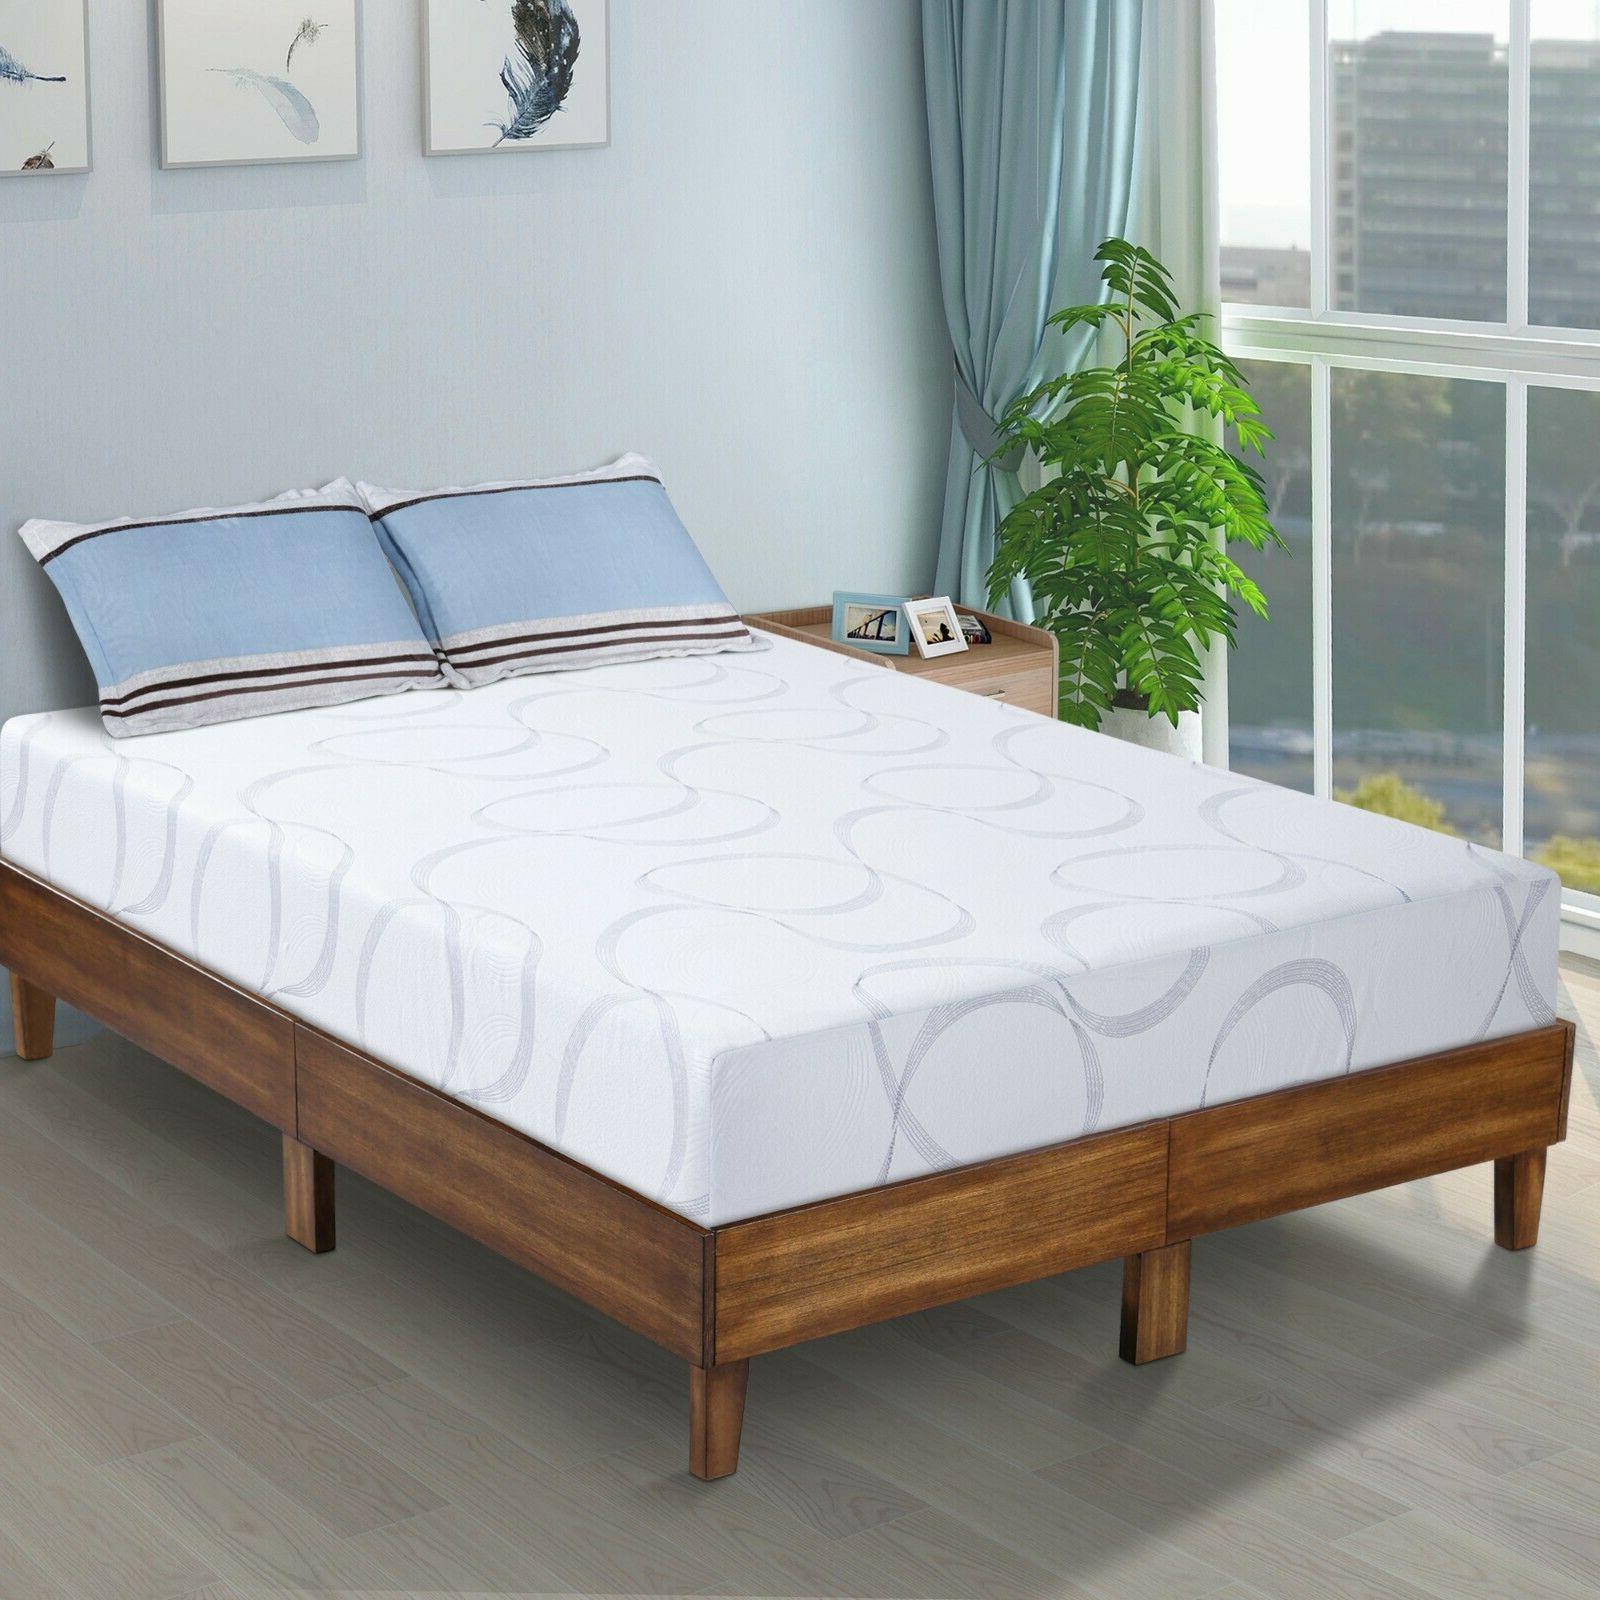 9 inch i gel memory foam mattress